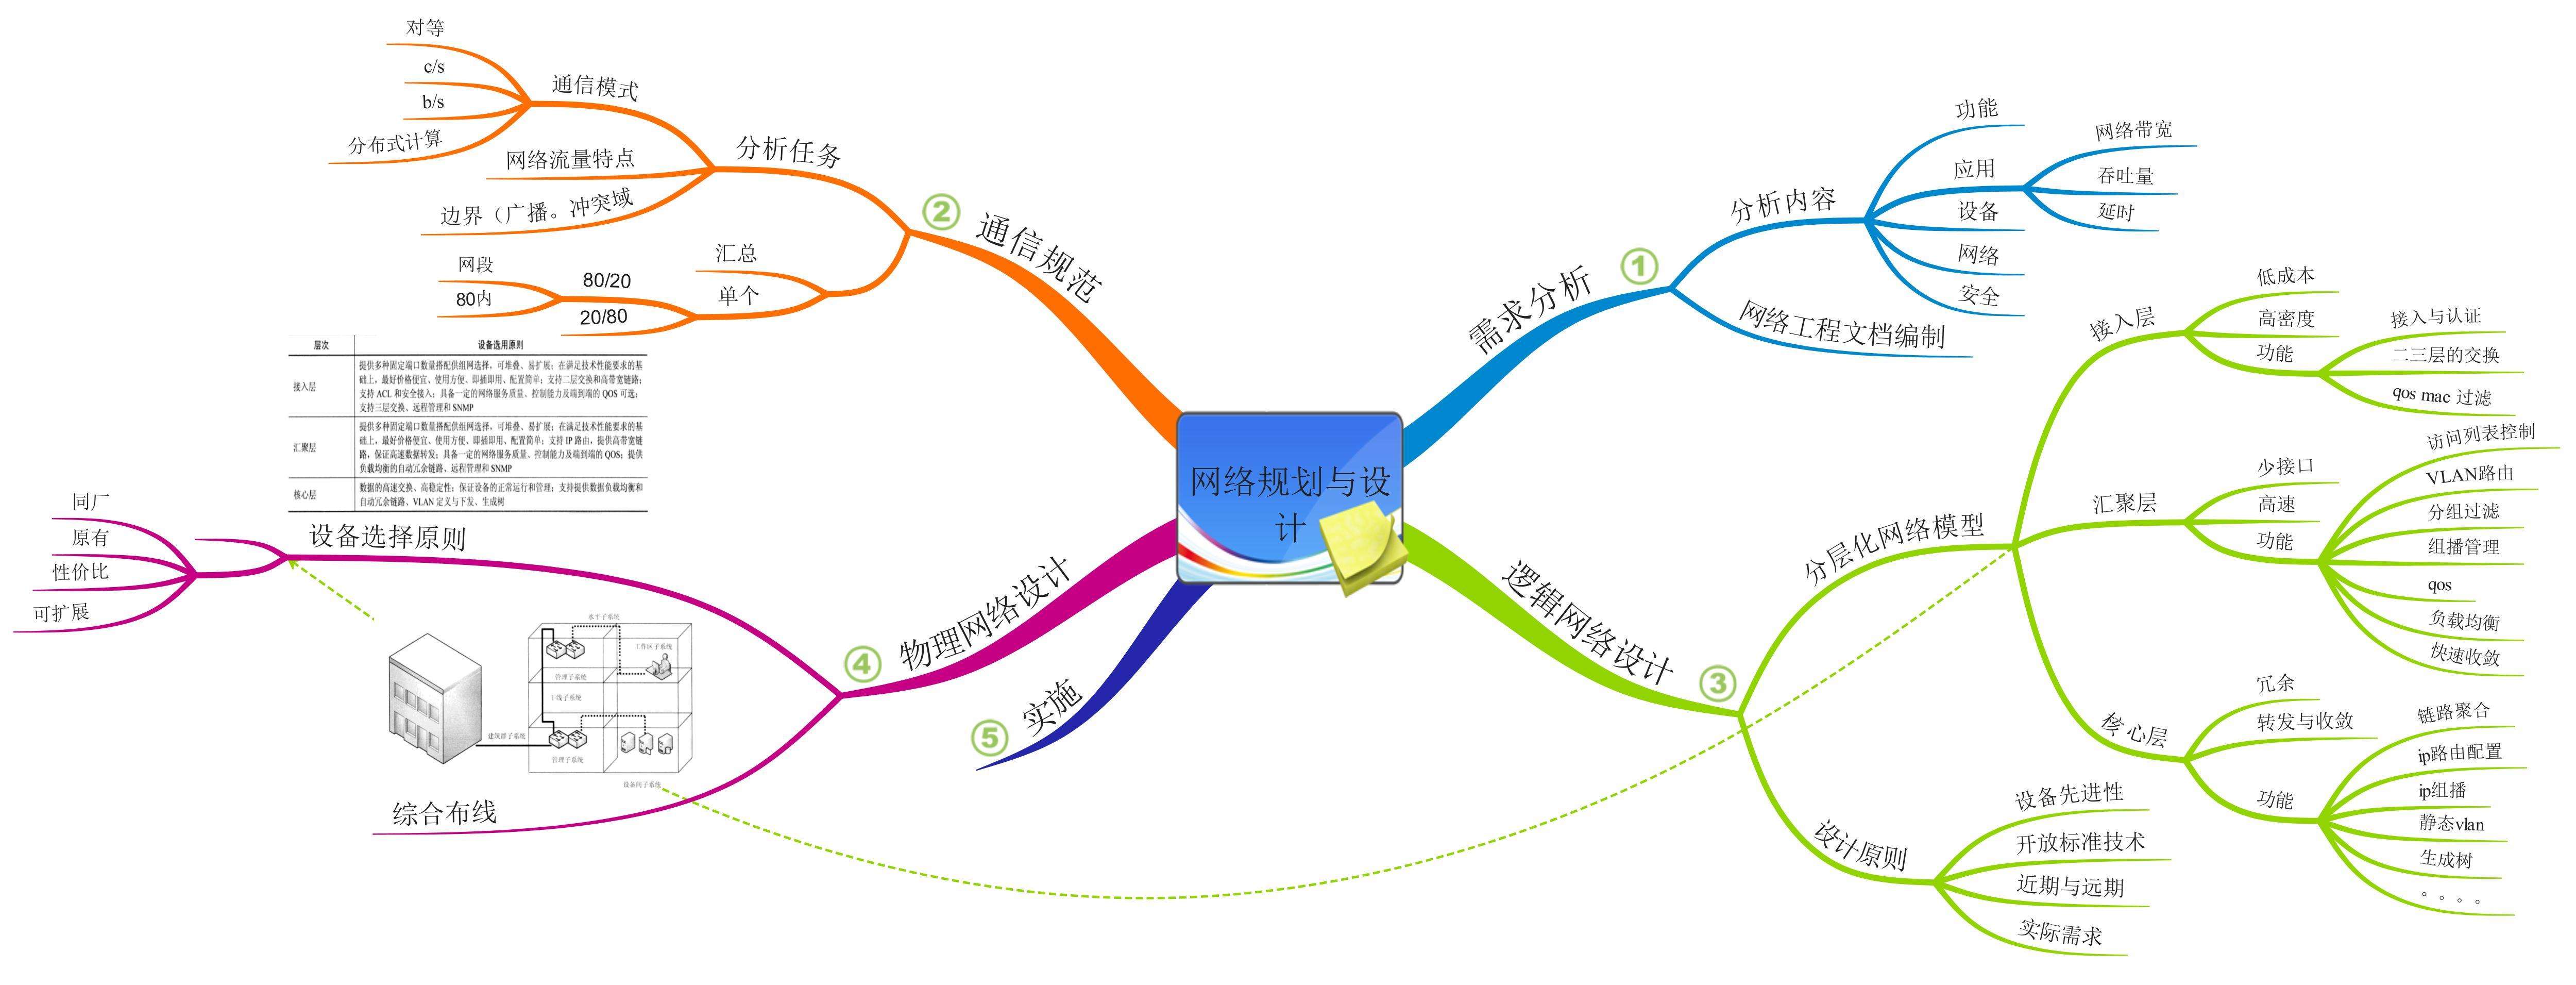 网络规划与设计